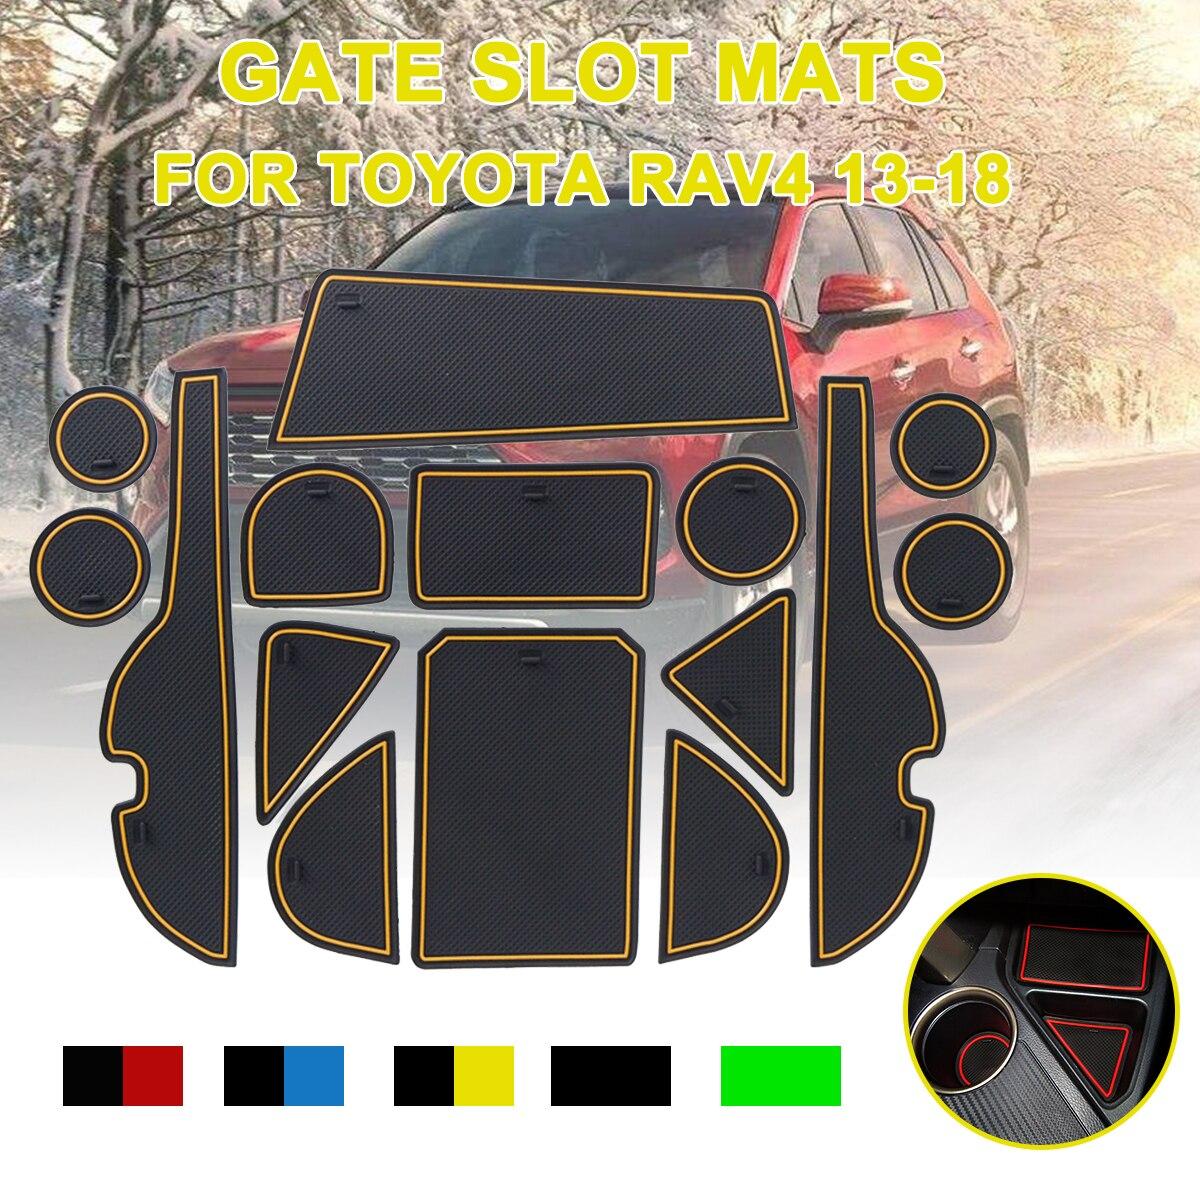 15pcs for Toyota RAV4 2013-2018 Anti-Slip Gate Slot Mat Rubber Coaster Accessories for RAV 4 2013 2014 2015 2016 2017 2018